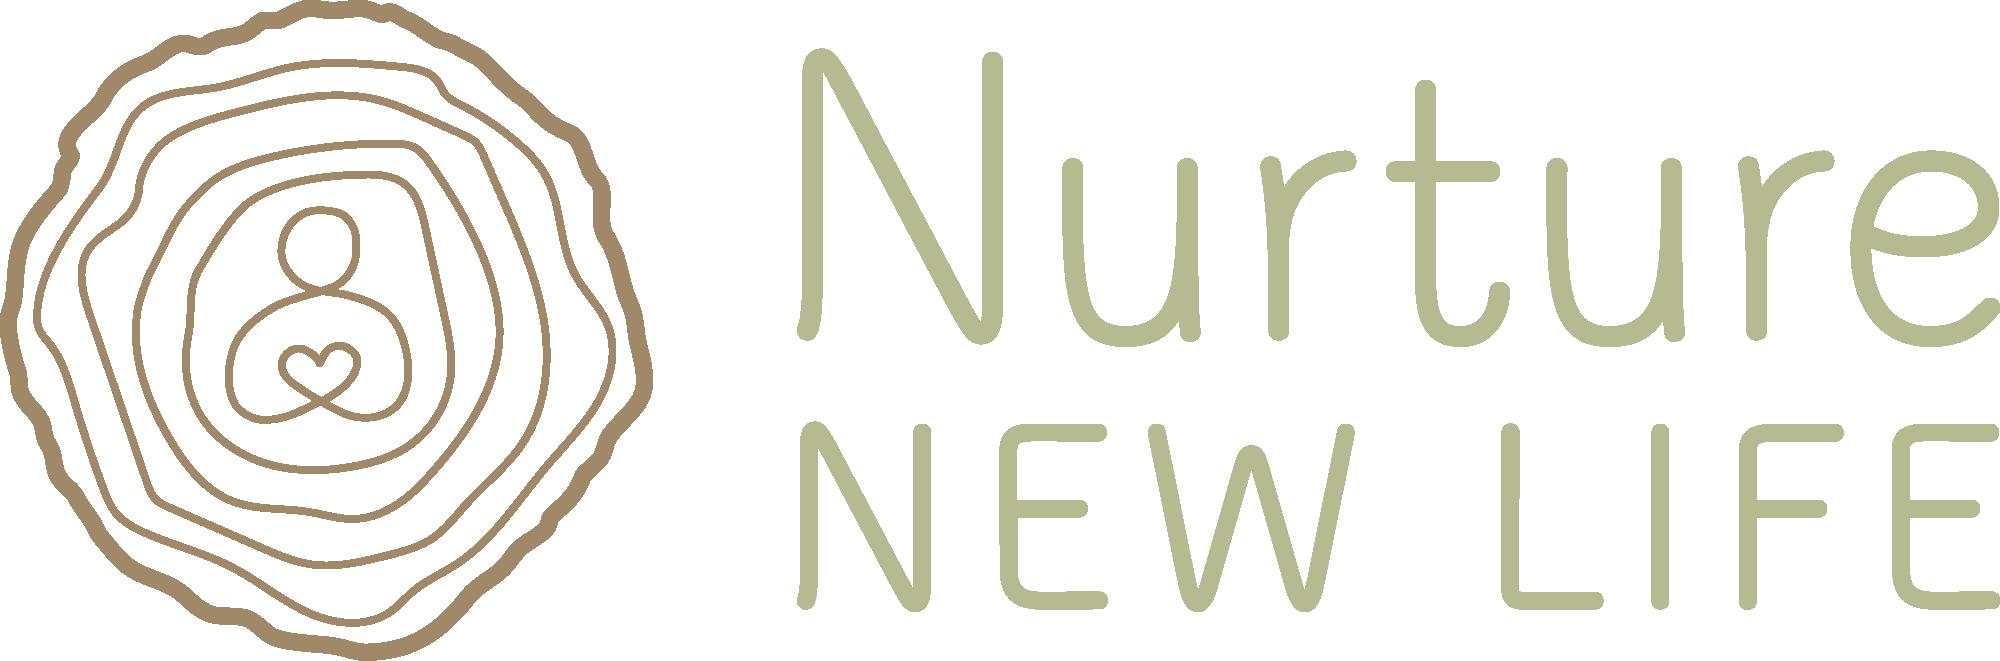 nurturenewlife.com